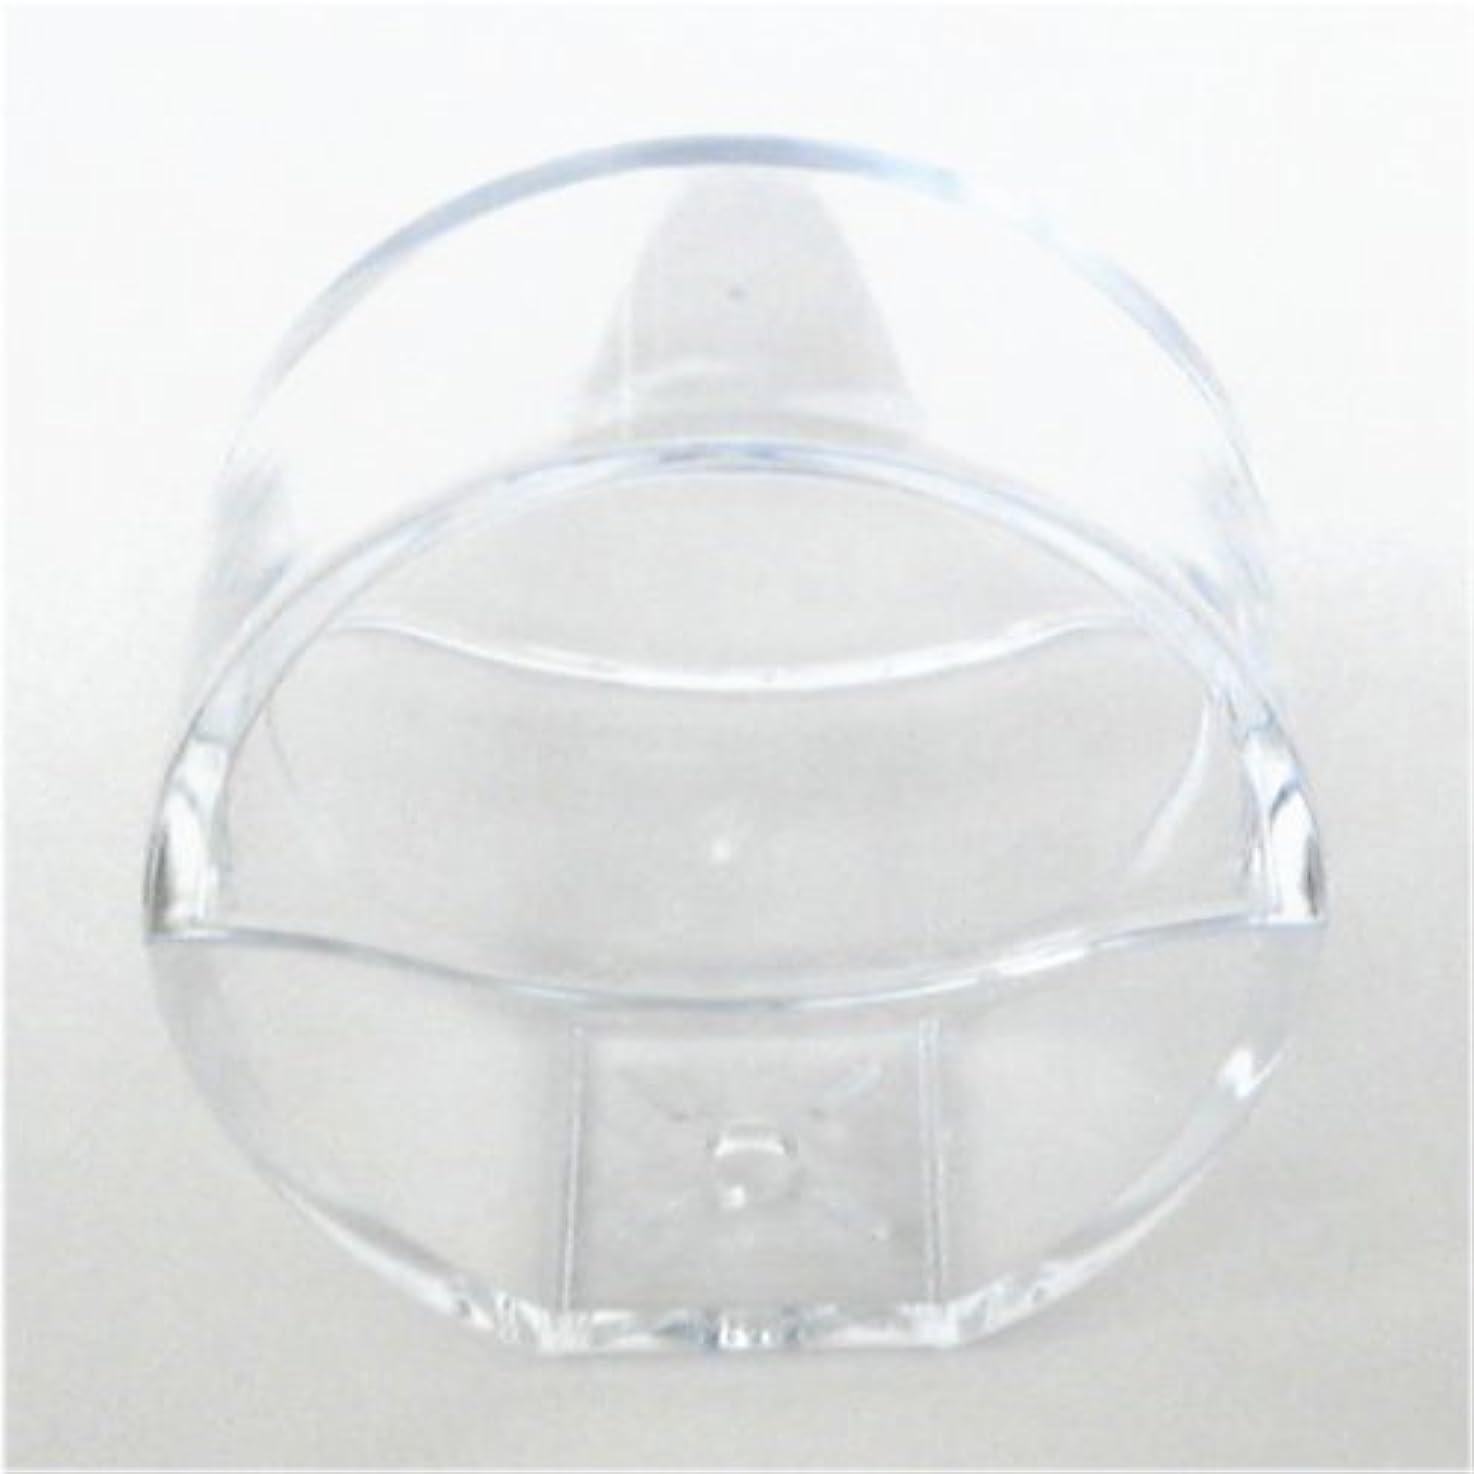 口ひげ物理的な補足縦置きソープケース